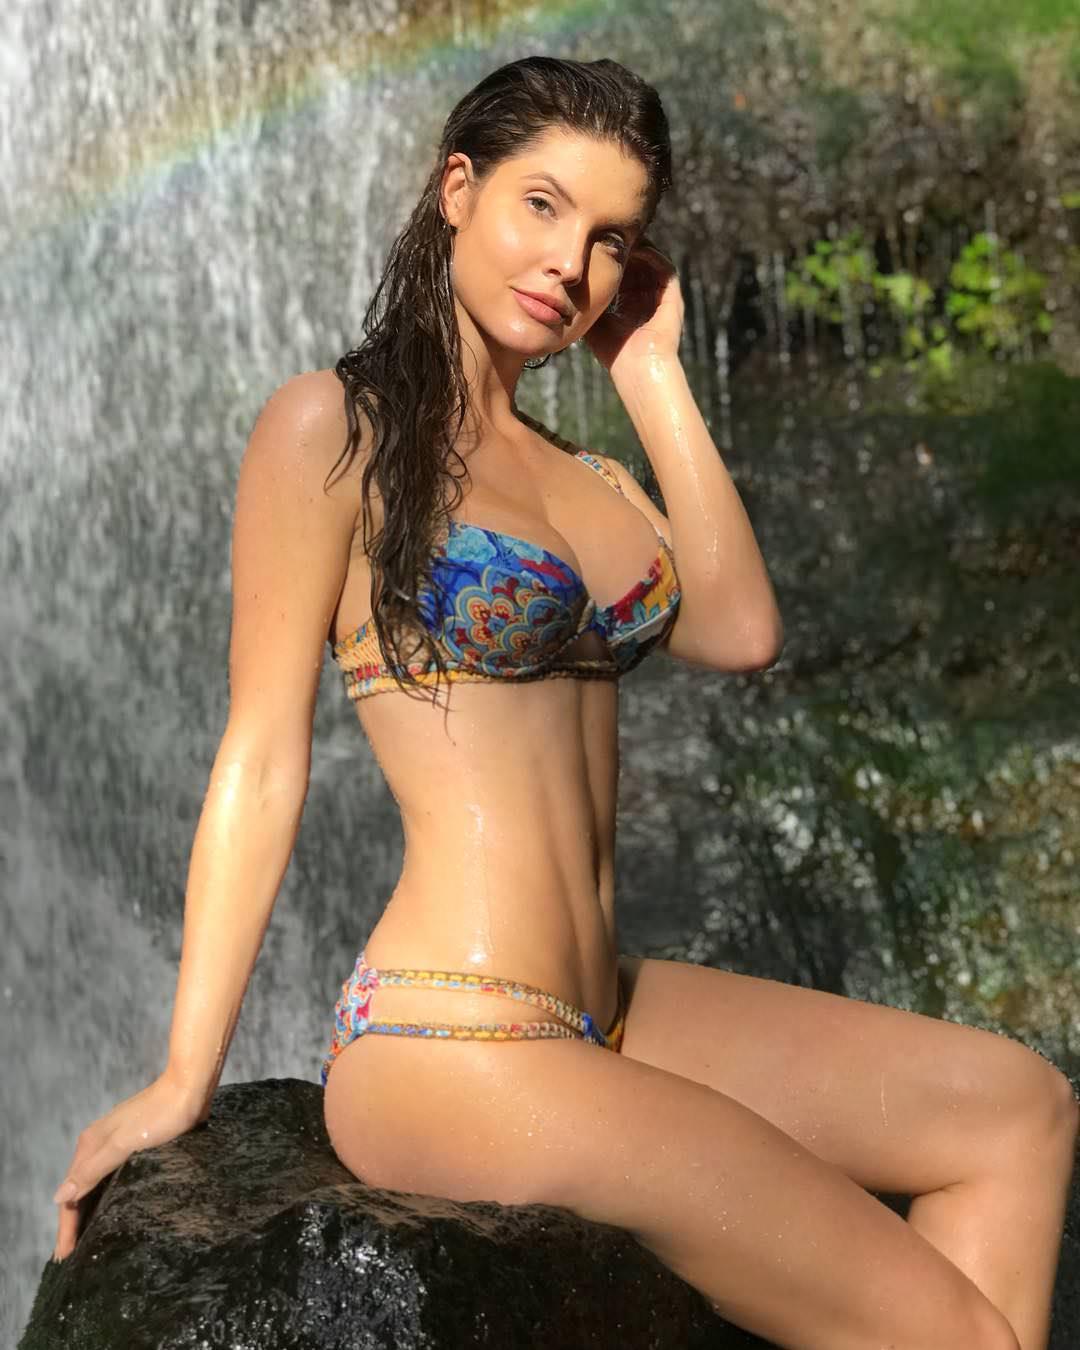 Amanda Cerny Video Porno amanda cerny porn pic - eporner